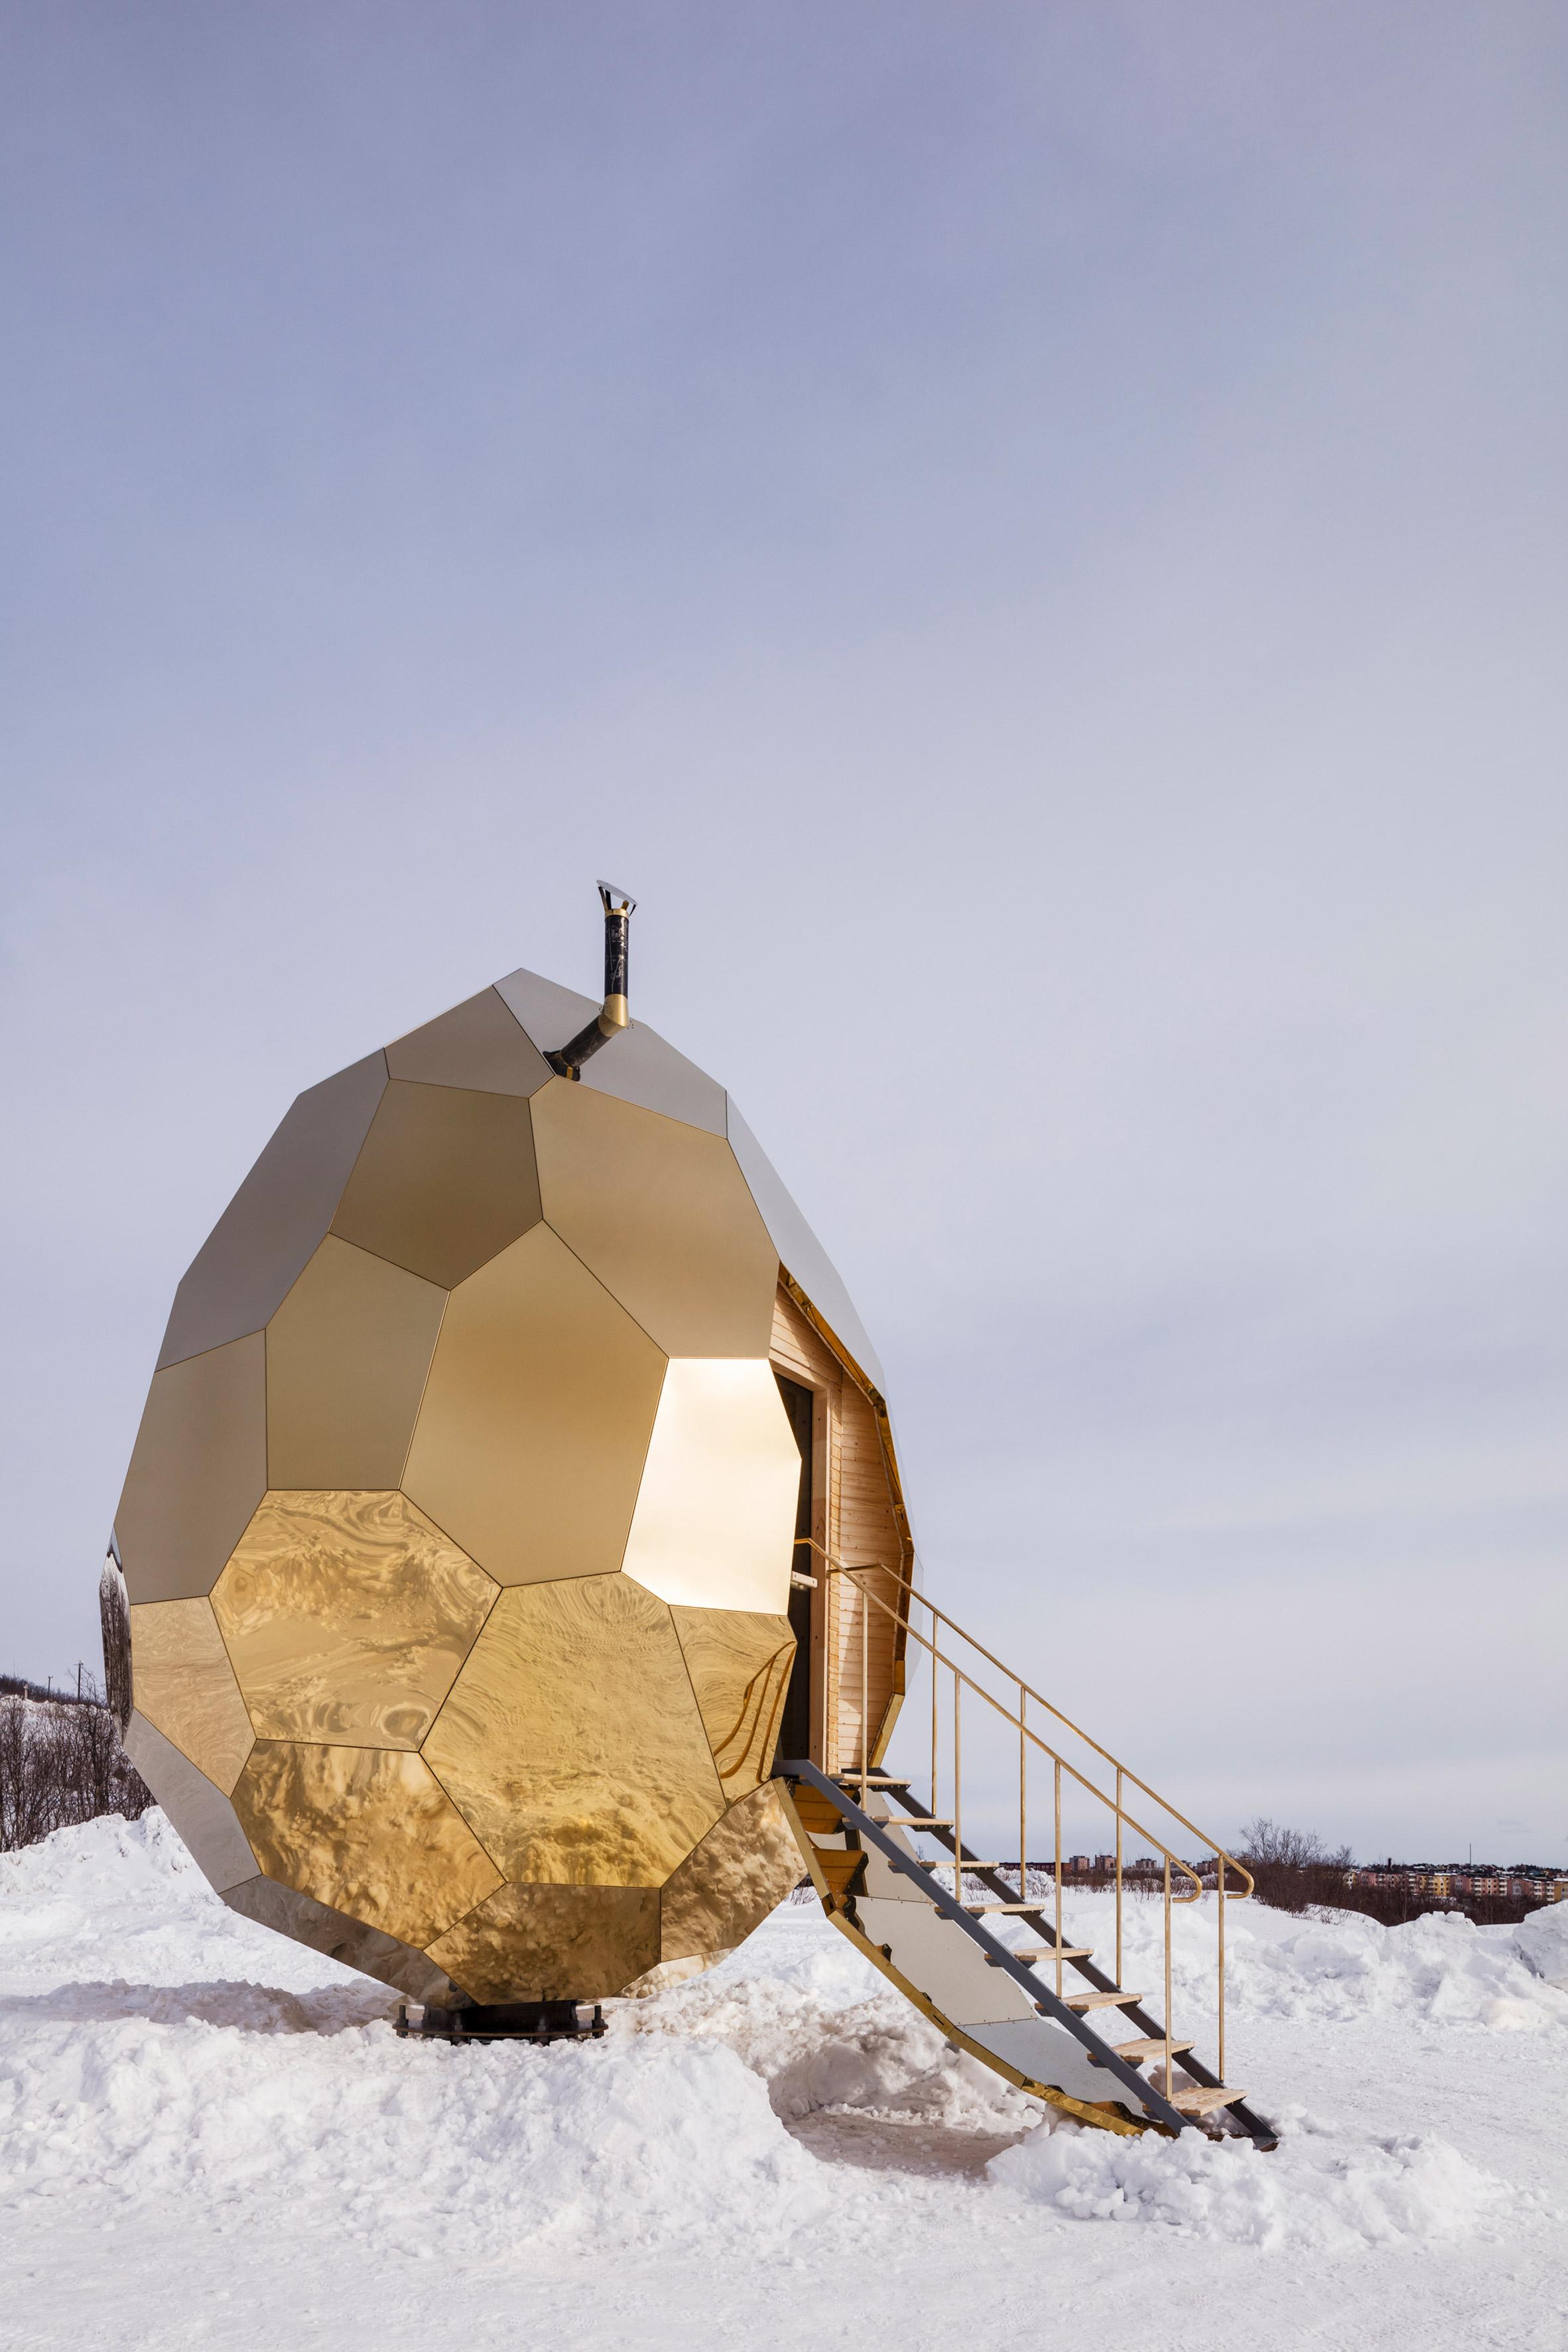 Egg-sauna